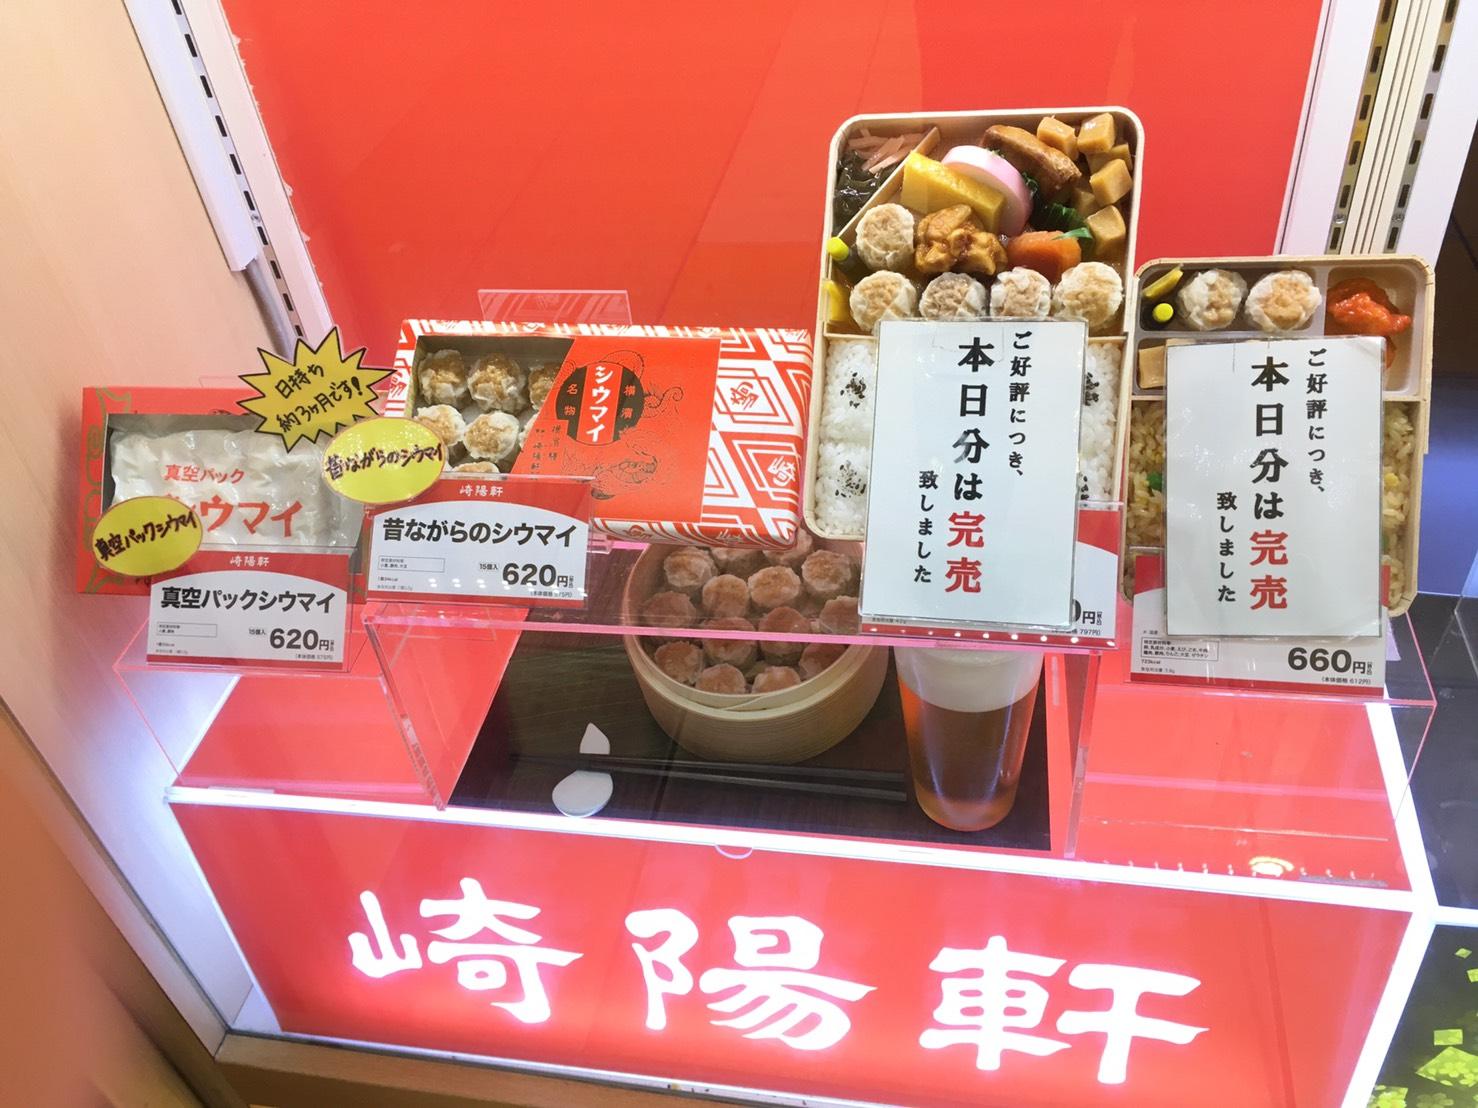 横浜名物 崎陽軒のシウマイを東京駅で食べる 【崎陽軒好買運動】